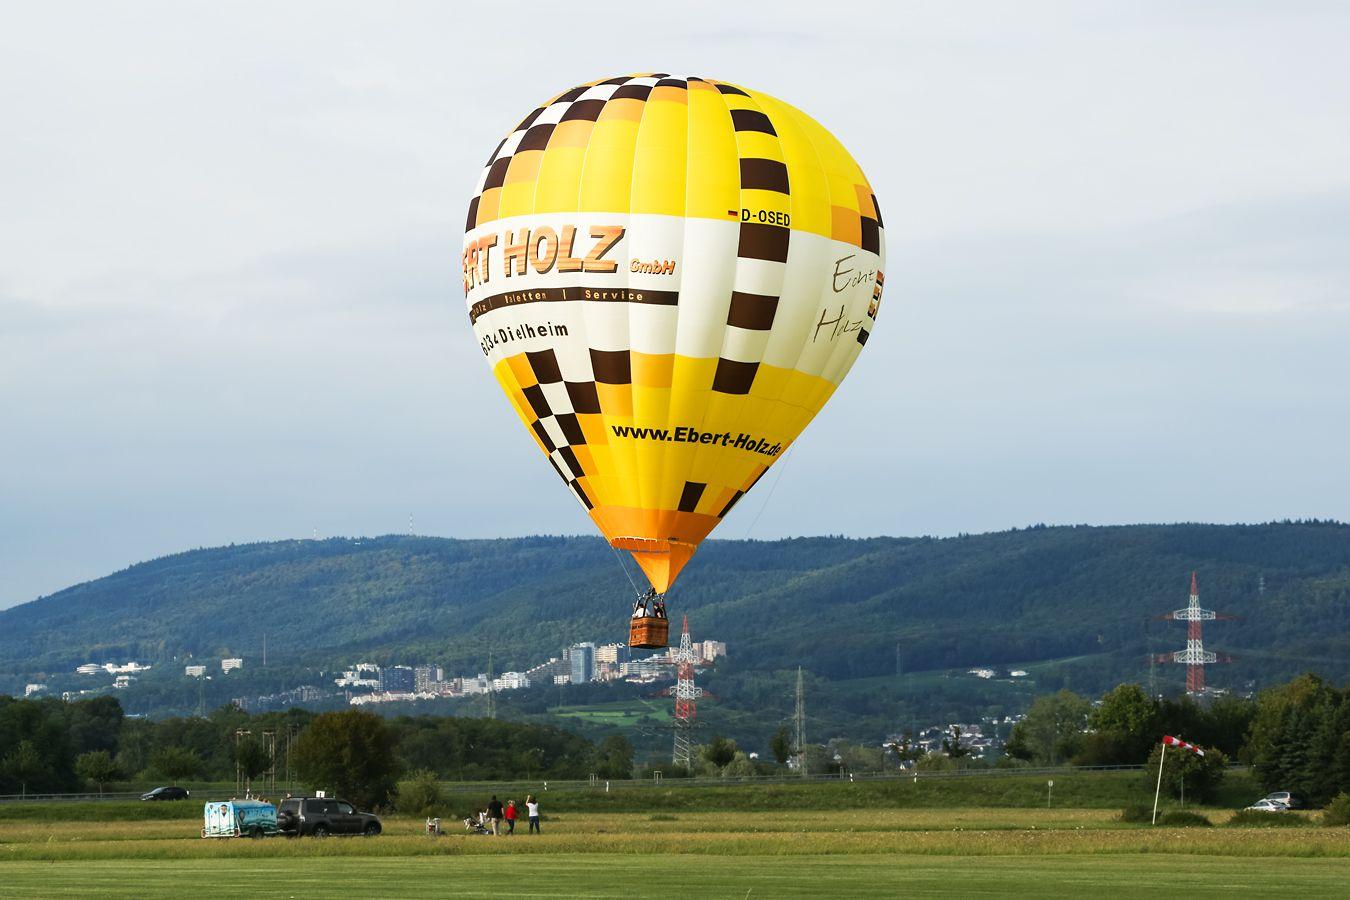 Шар. Авиация воздухоплавание воздушный шар